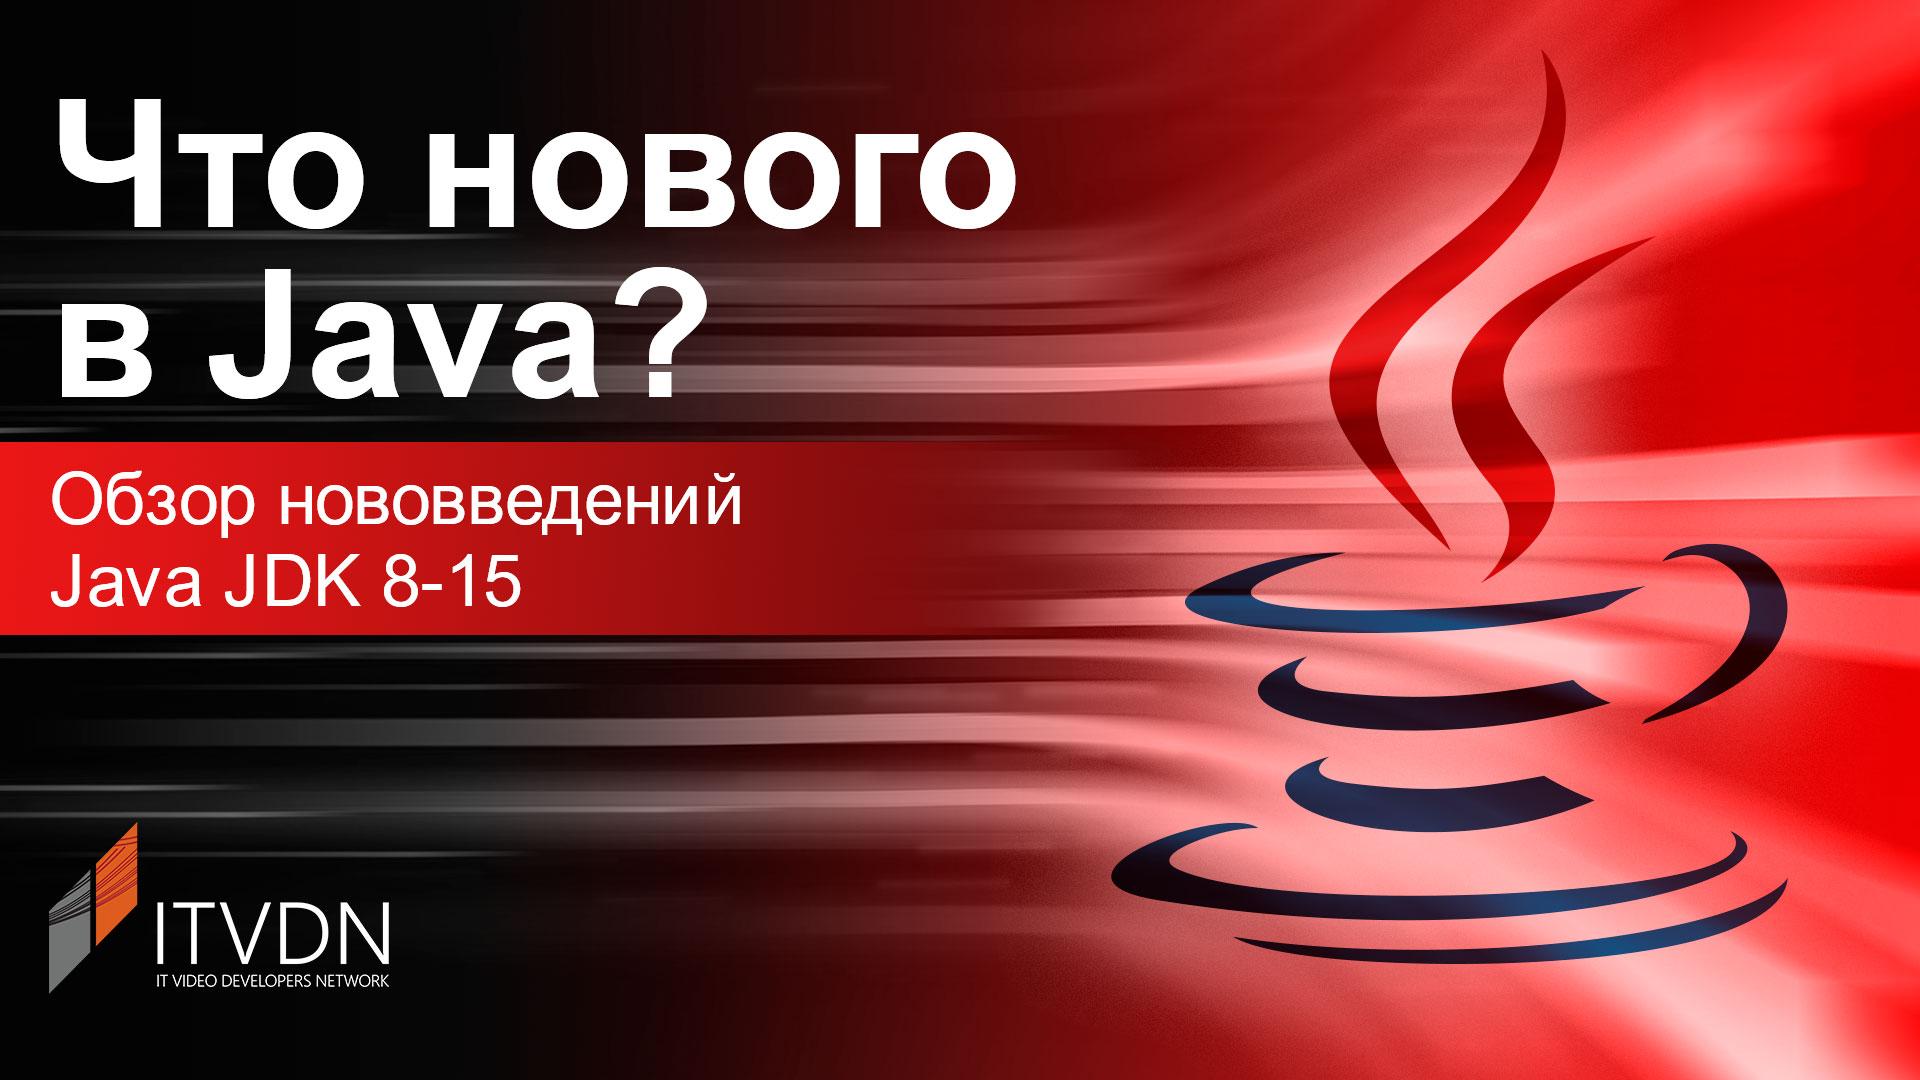 Что нового в Java? Обзор нововведений Java JDK 8-15